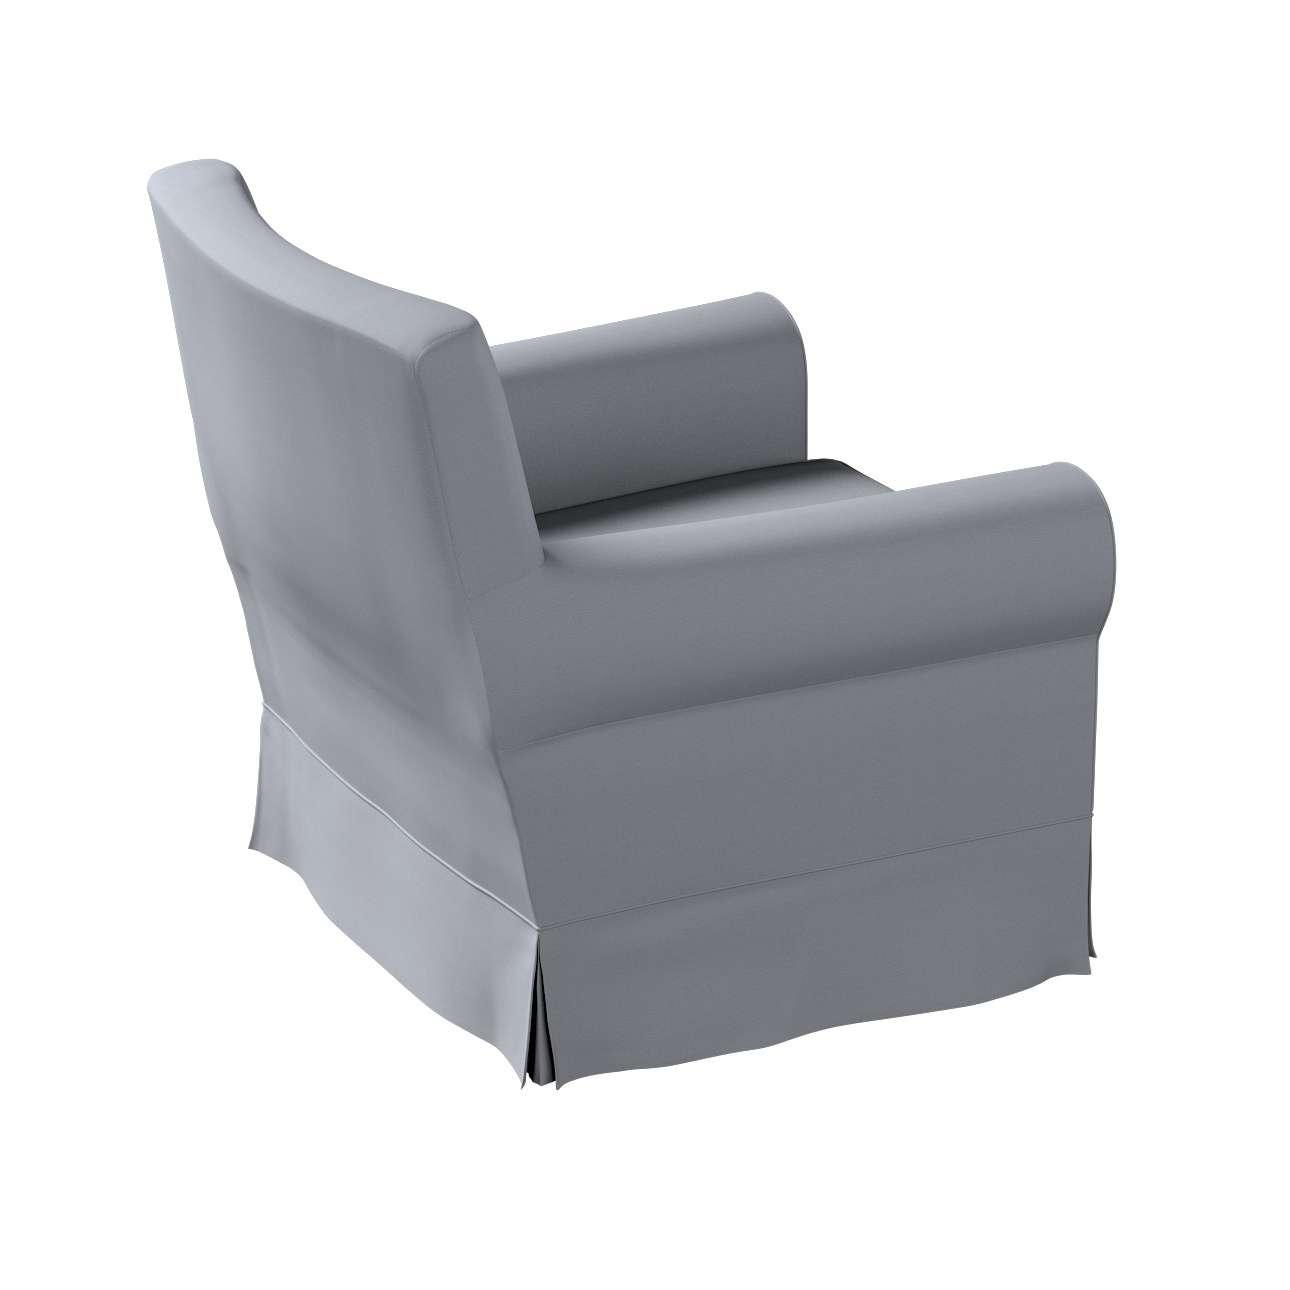 Pokrowiec na fotel Ektorp Jennylund w kolekcji Cotton Panama, tkanina: 702-07